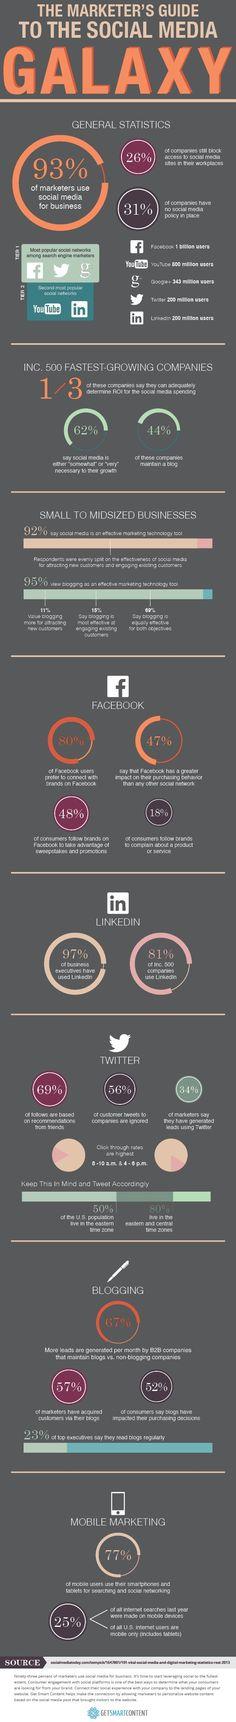 Guía de marketing para la galaxia de las Redes Sociales #infografia #infographic #socialmedia